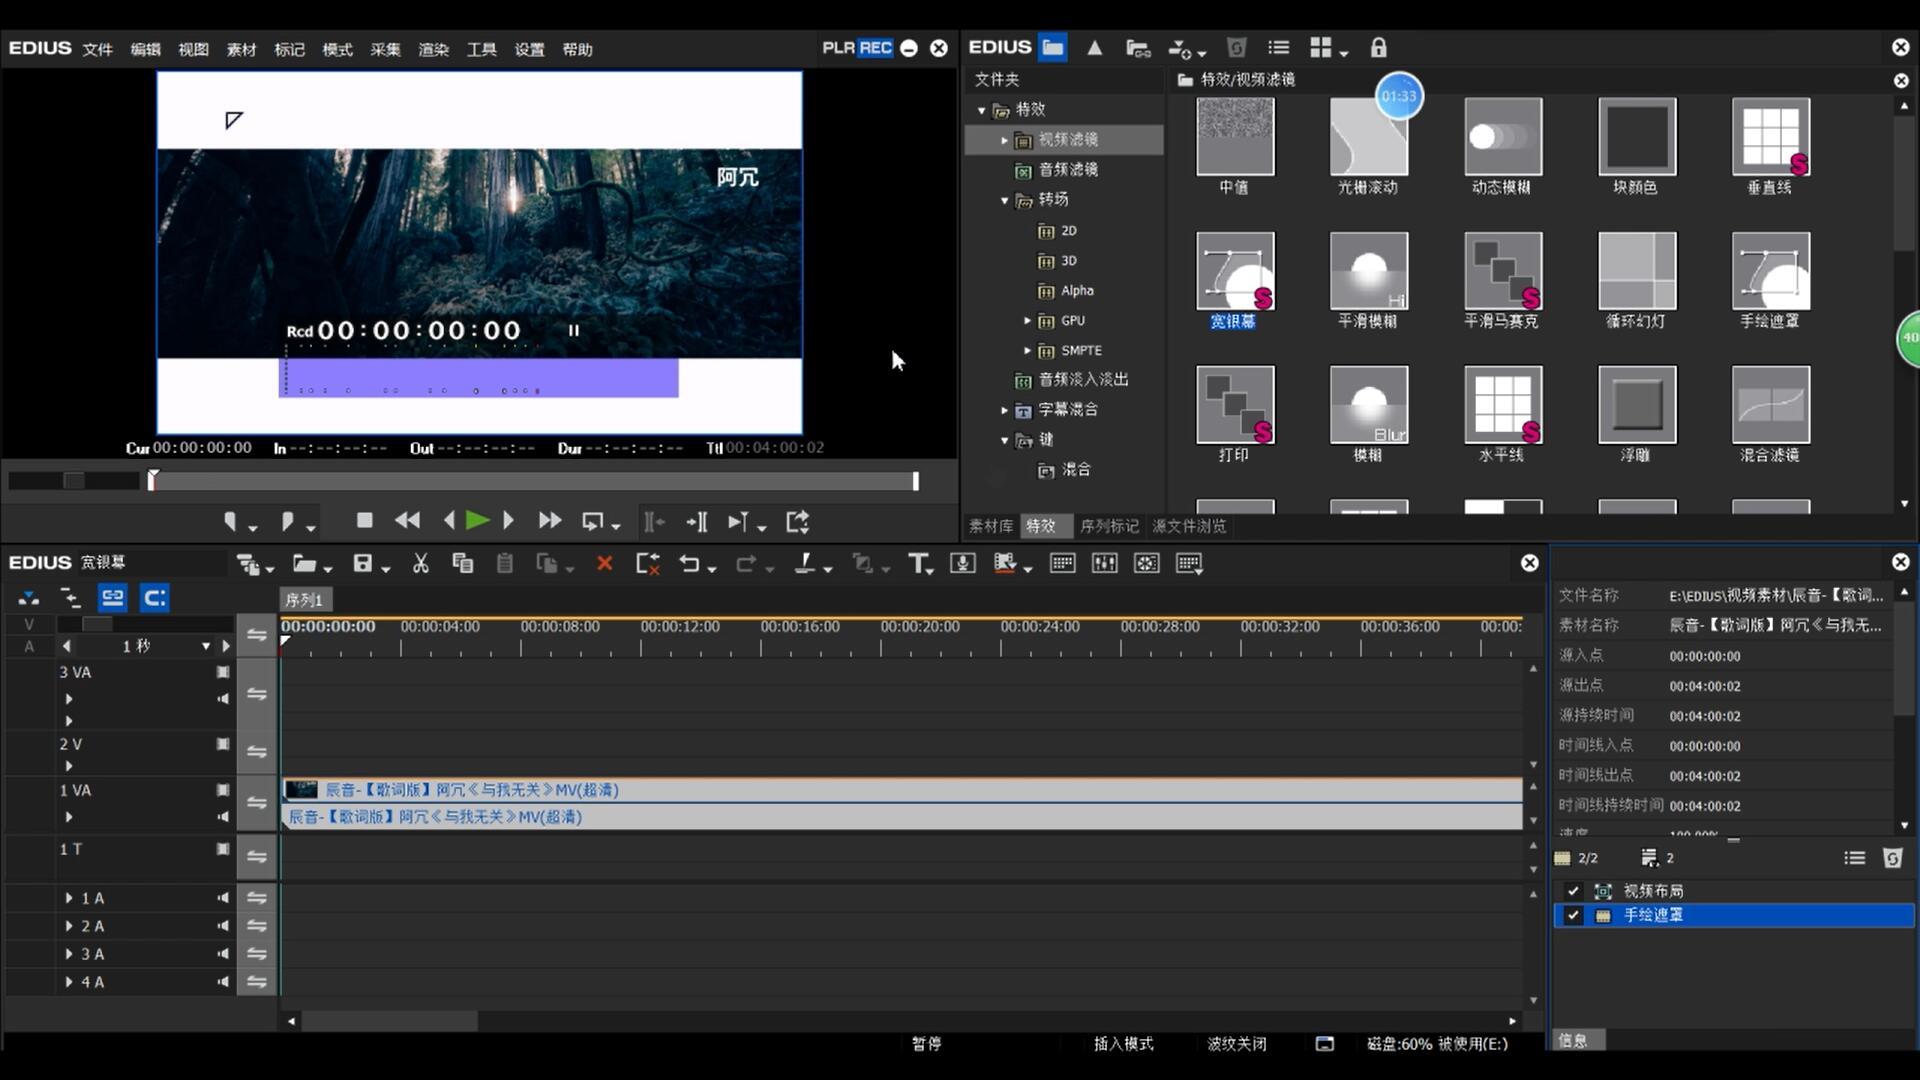 如何使用EDIUS制作宽银幕效果